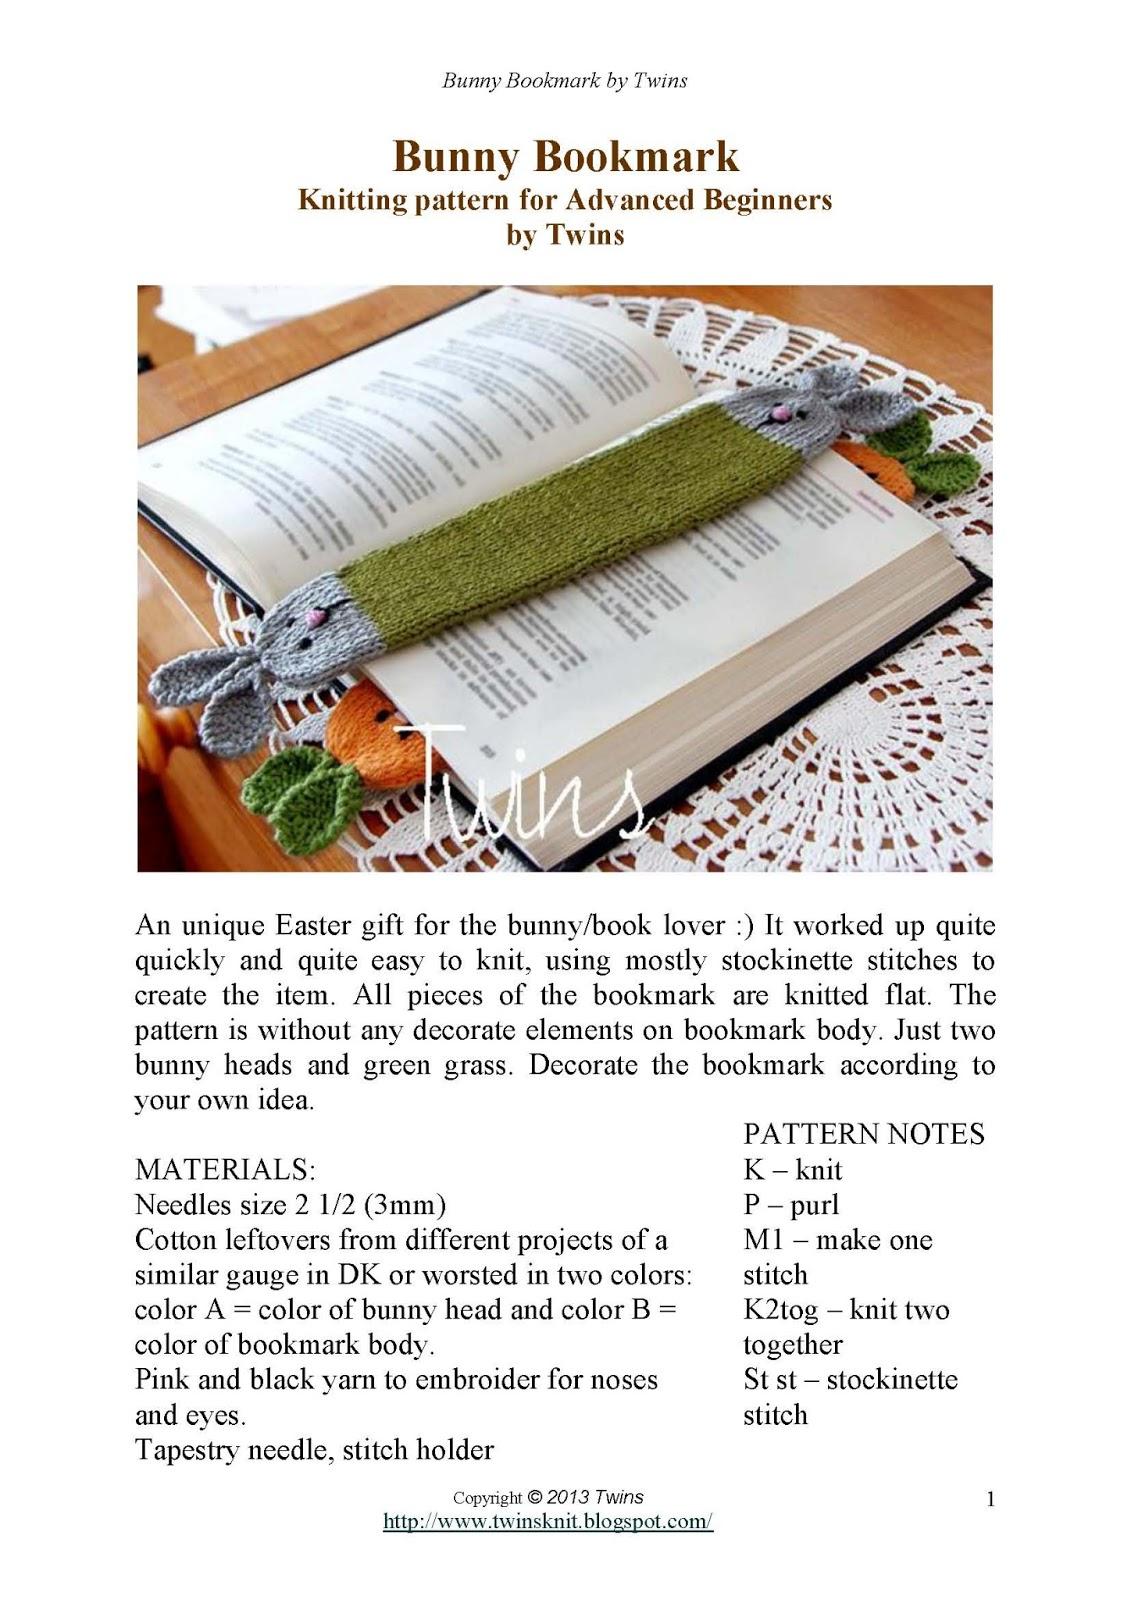 Twins Knitting Pattern MiniShop: Bunny Bookmark - free knitting pattern ...